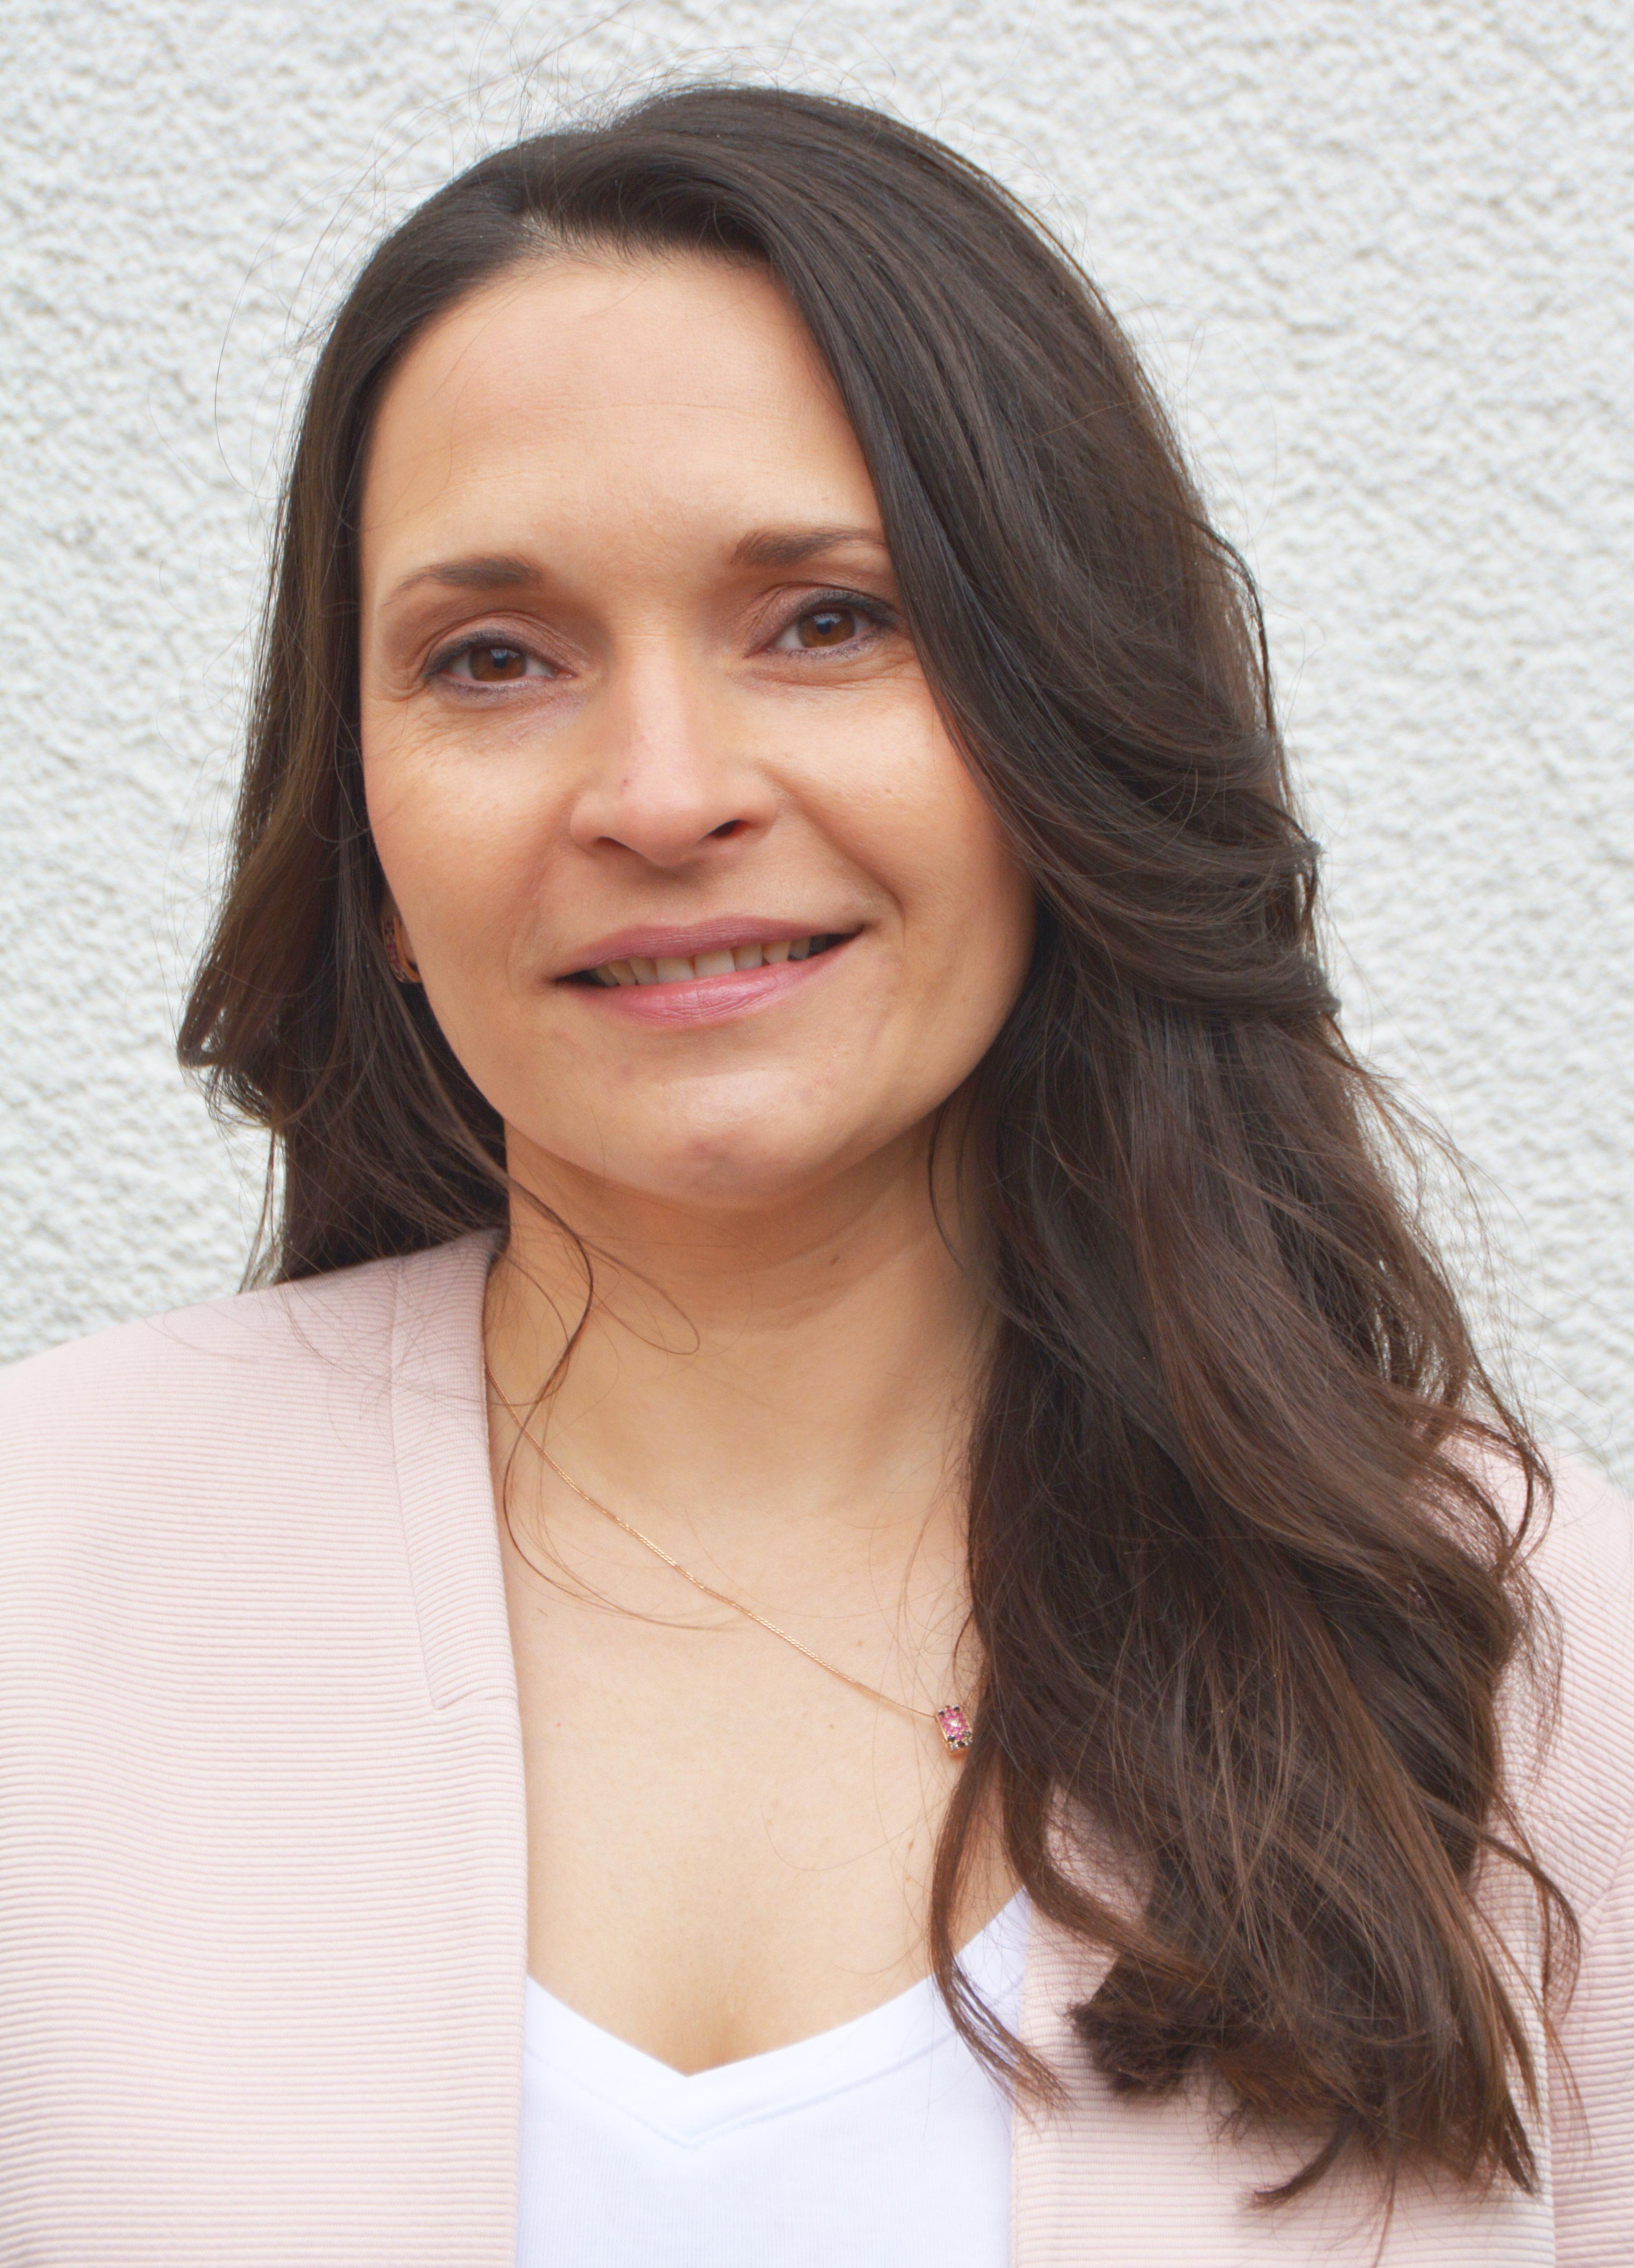 Maryna Kuzmenko ist Integrationsbeauftragte der Stadt Filderstadt